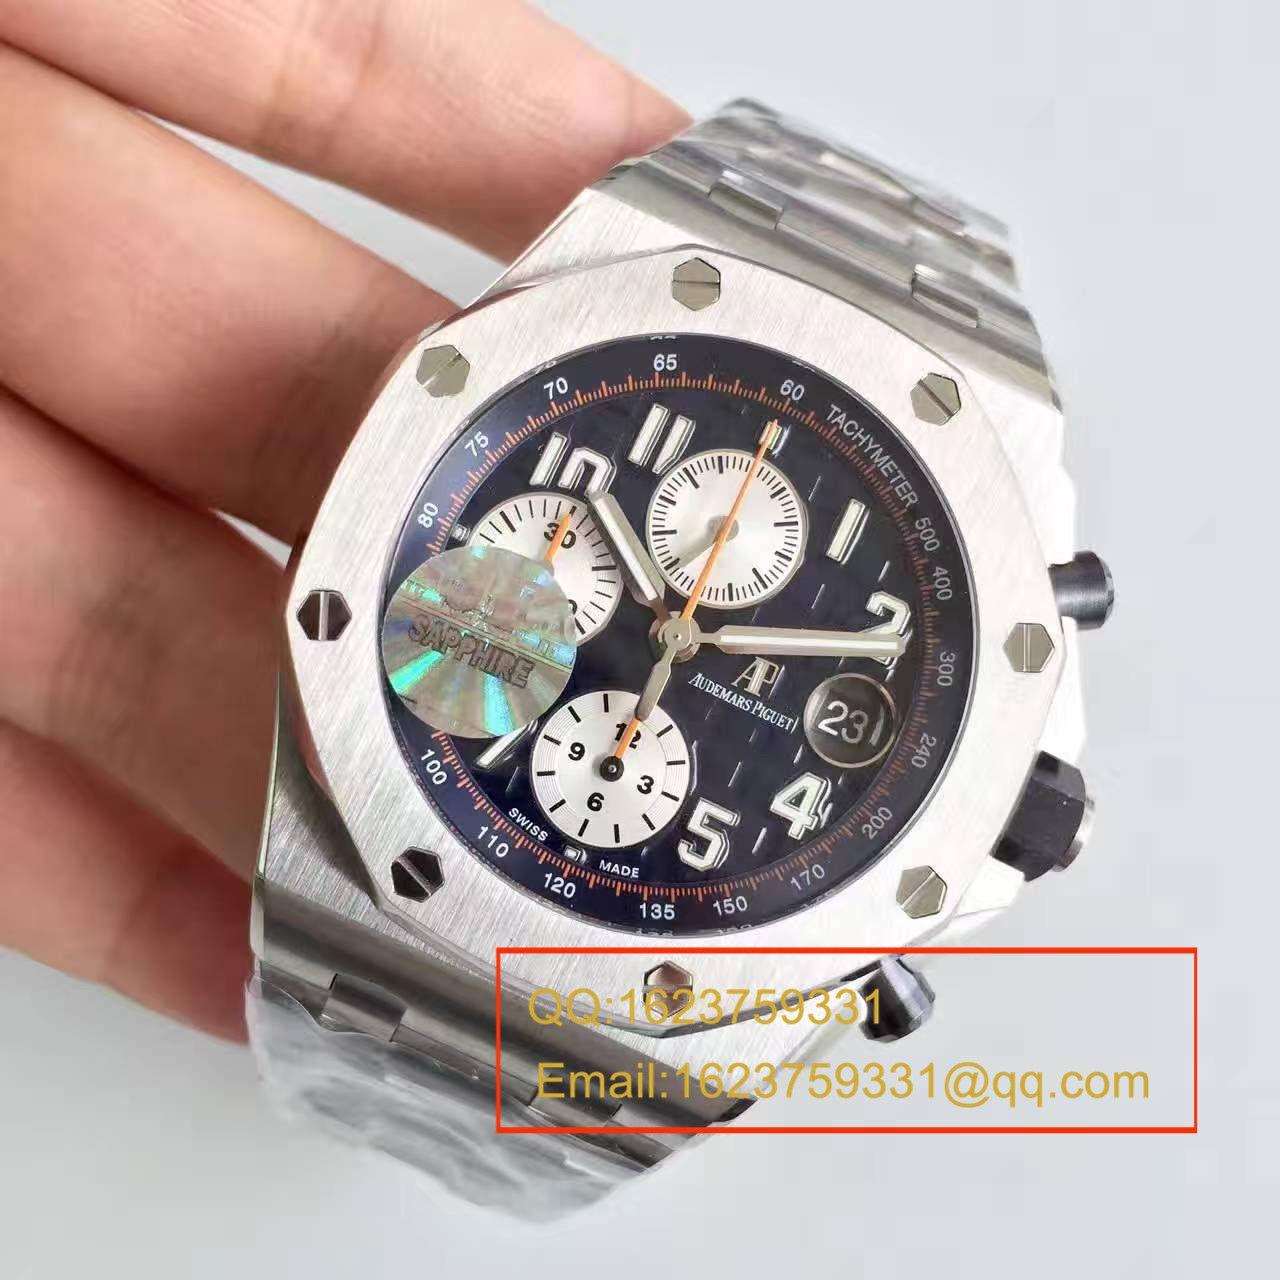 【JF厂一比一精仿】爱彼AP 皇家橡树离岸型系列26170TI.OO.1000TI.04腕表 / AP080